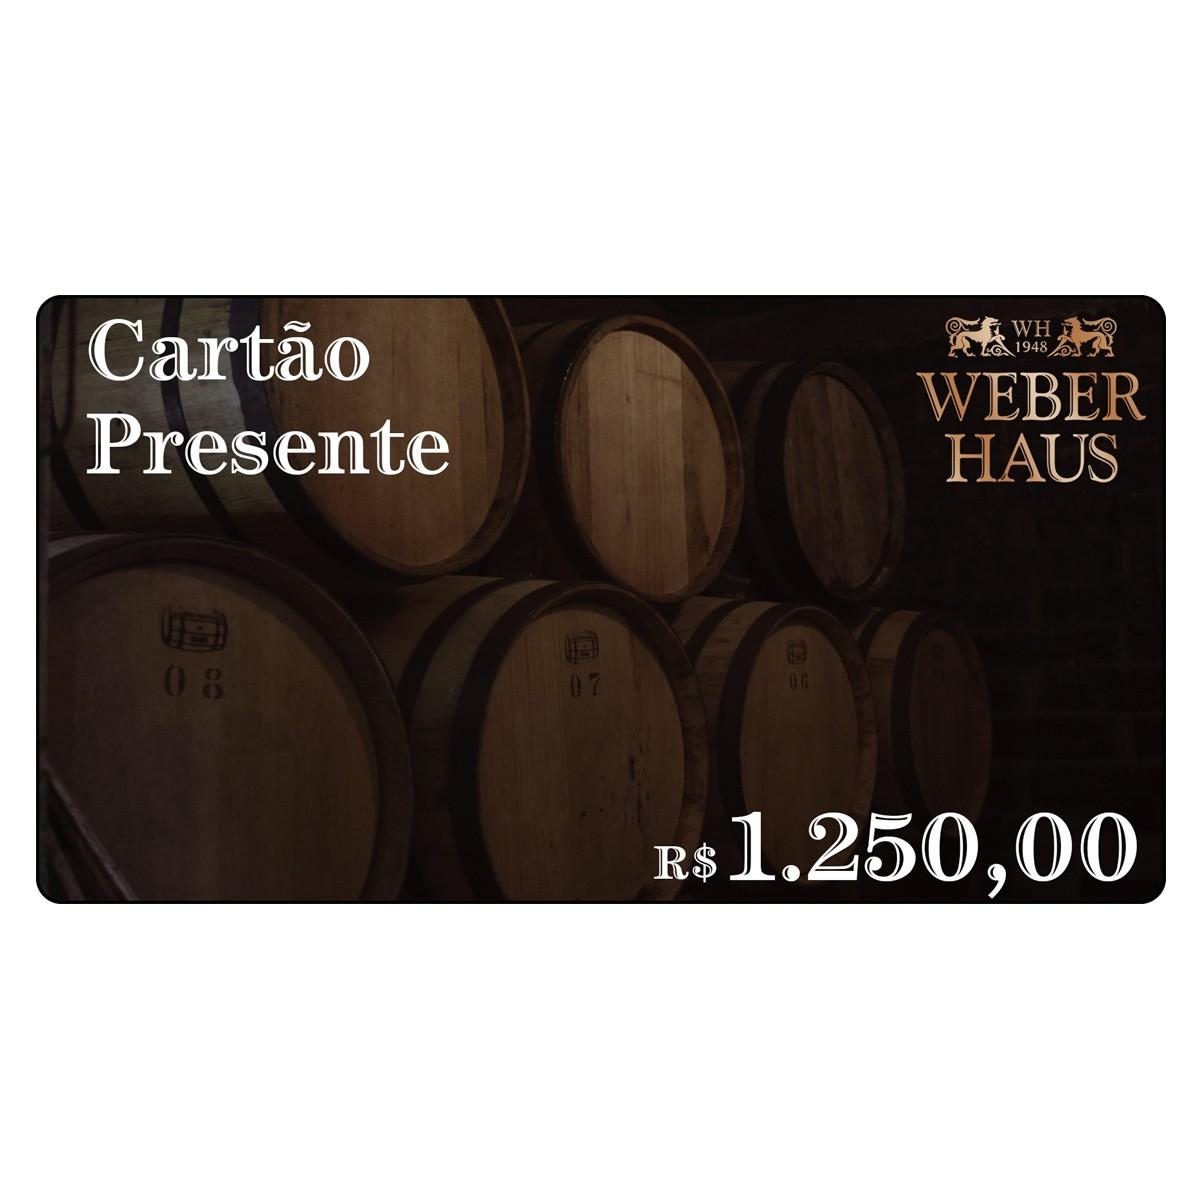 Cartão Presente no Valor de R$1.250,00